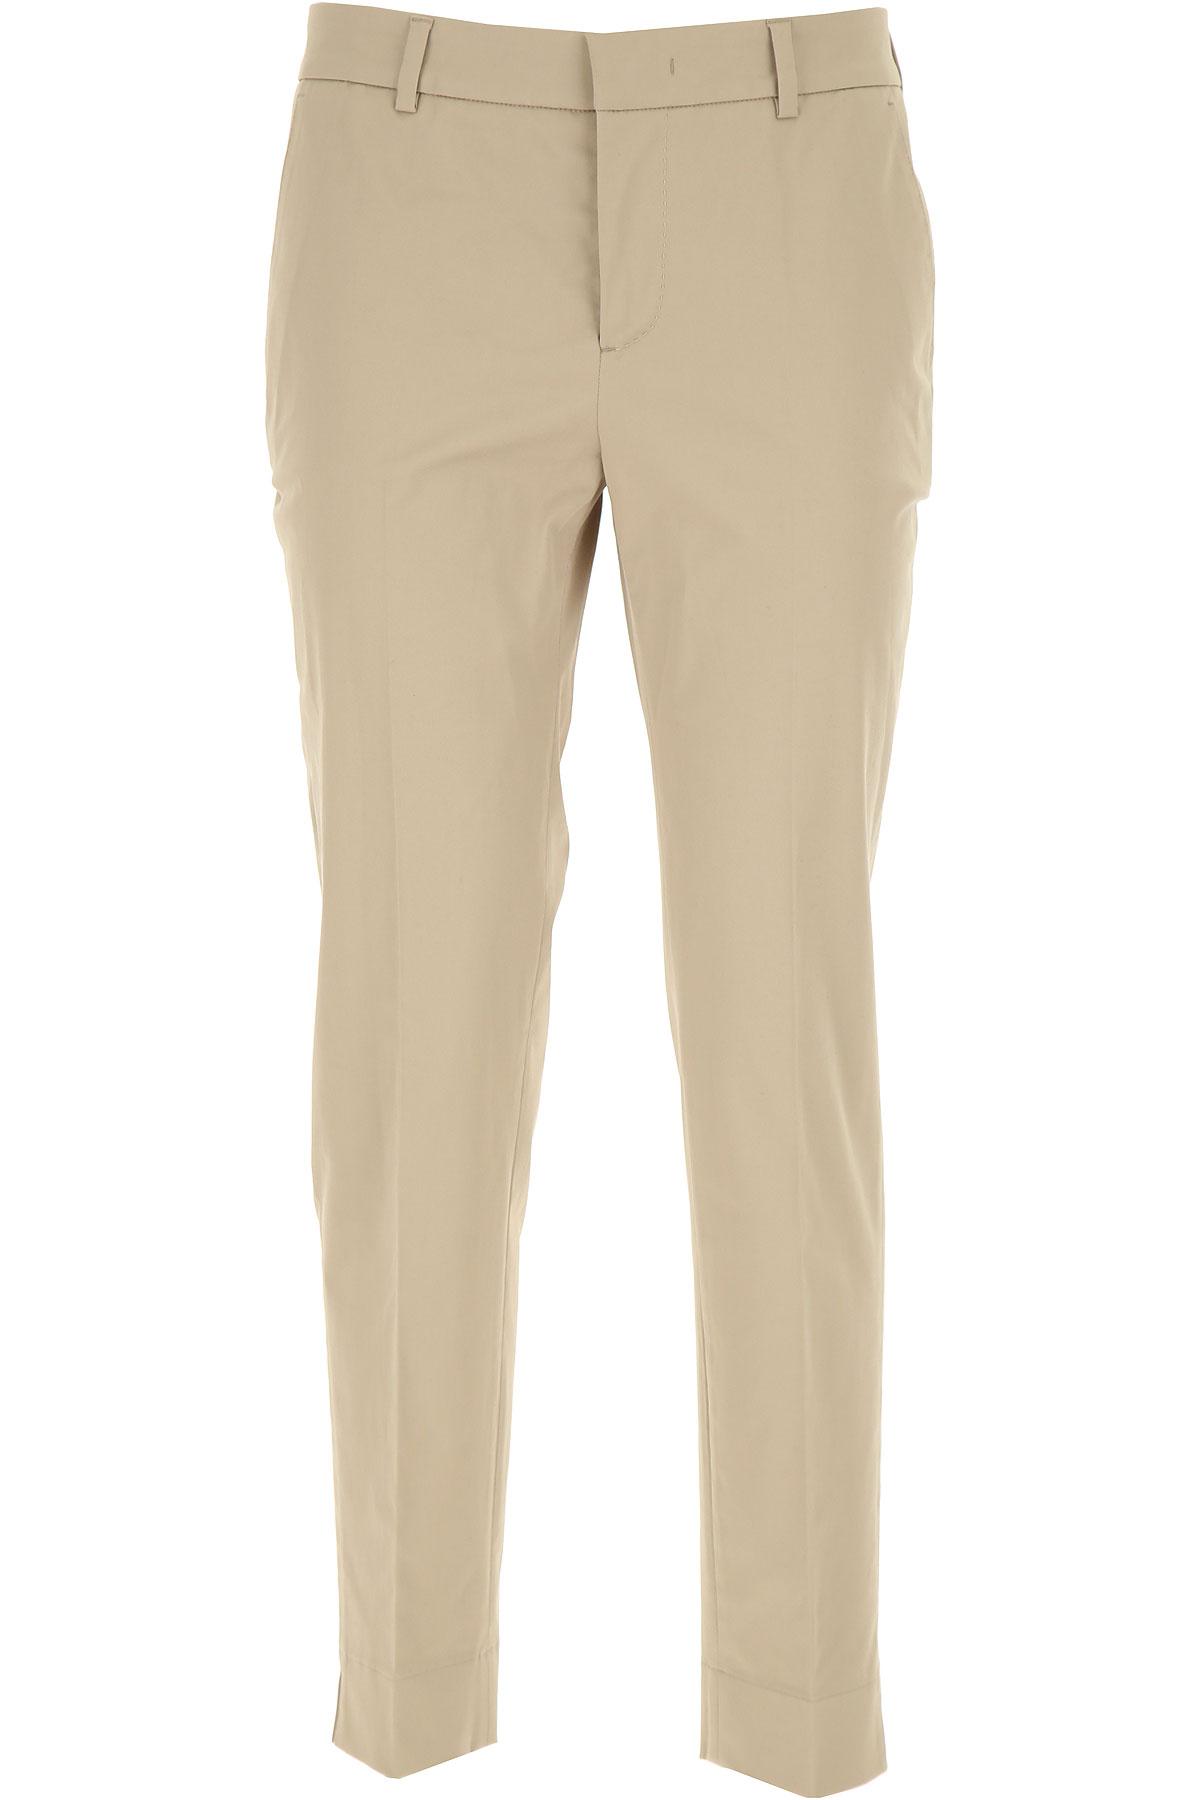 PT01 Pantalon Femme Pas cher en Soldes, Beige, Coton, 2019, 40 42 46